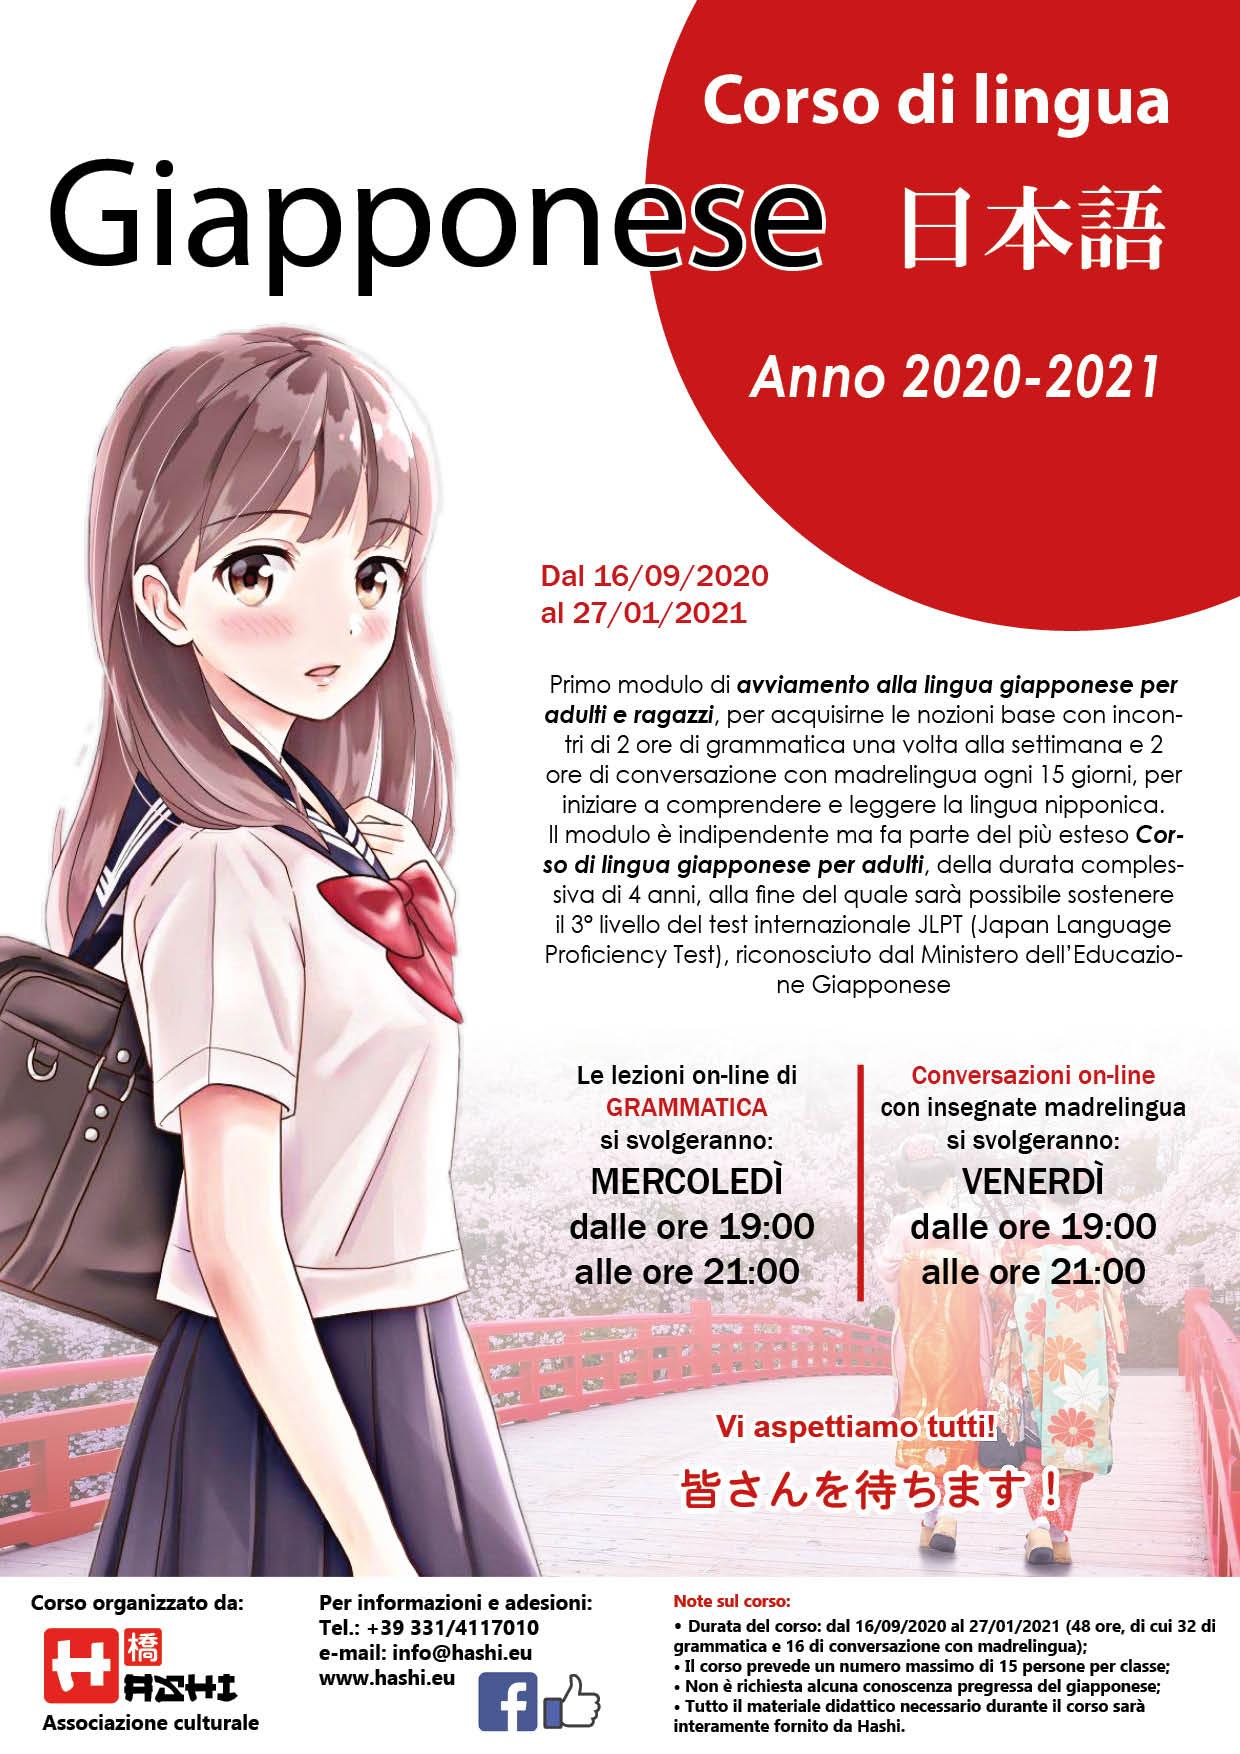 Inizio Corso di lingua Giapponese 2020-2021